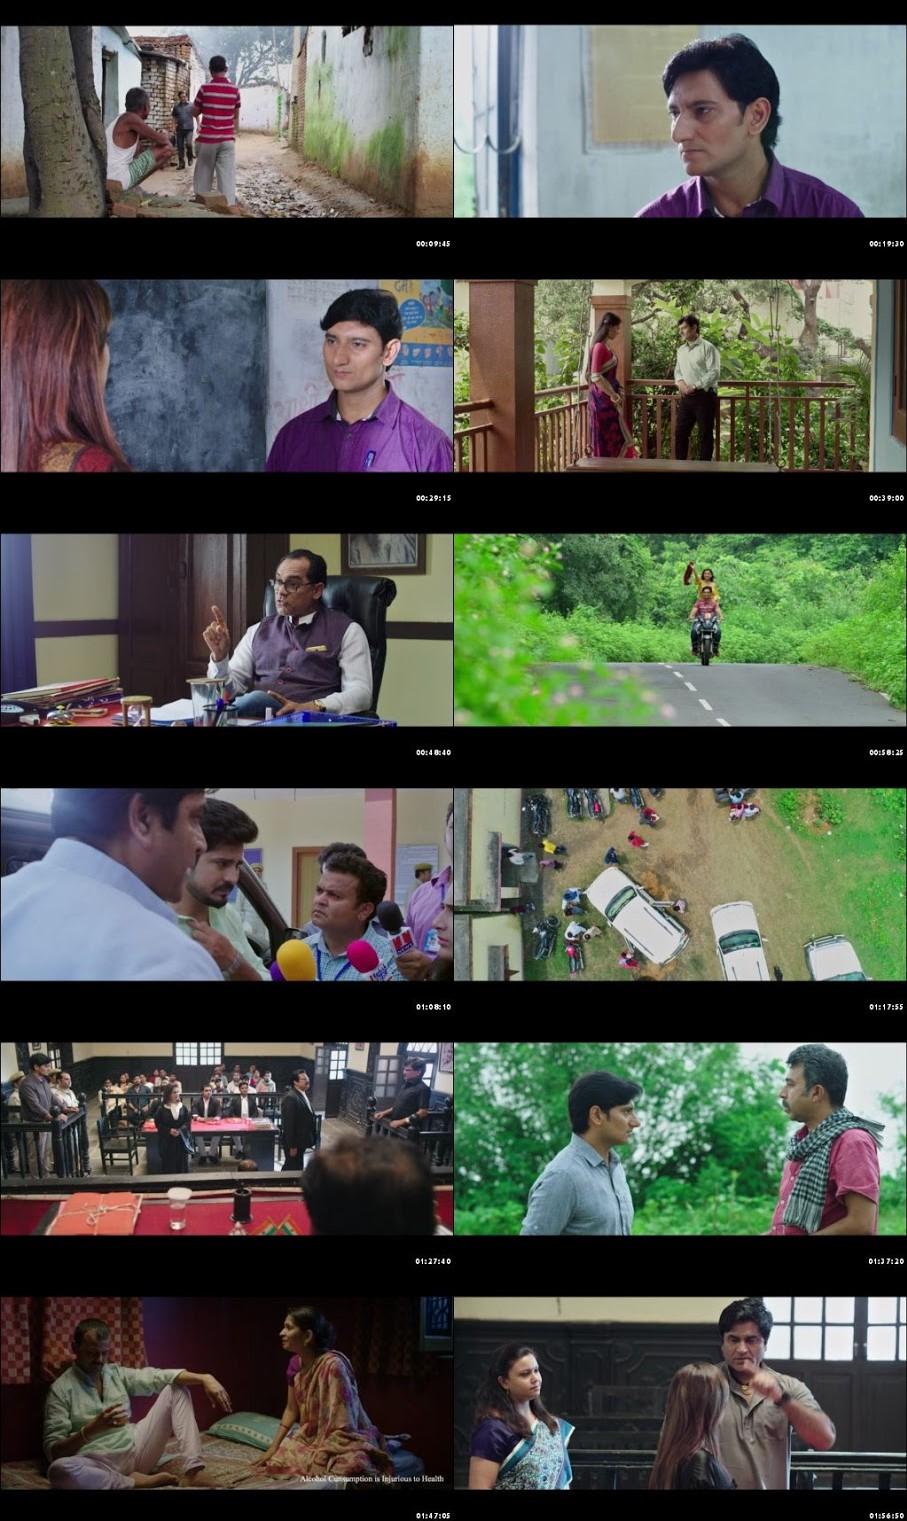 Blackboard vs Whiteboard 2019 Full Hindi Movie Online Watch